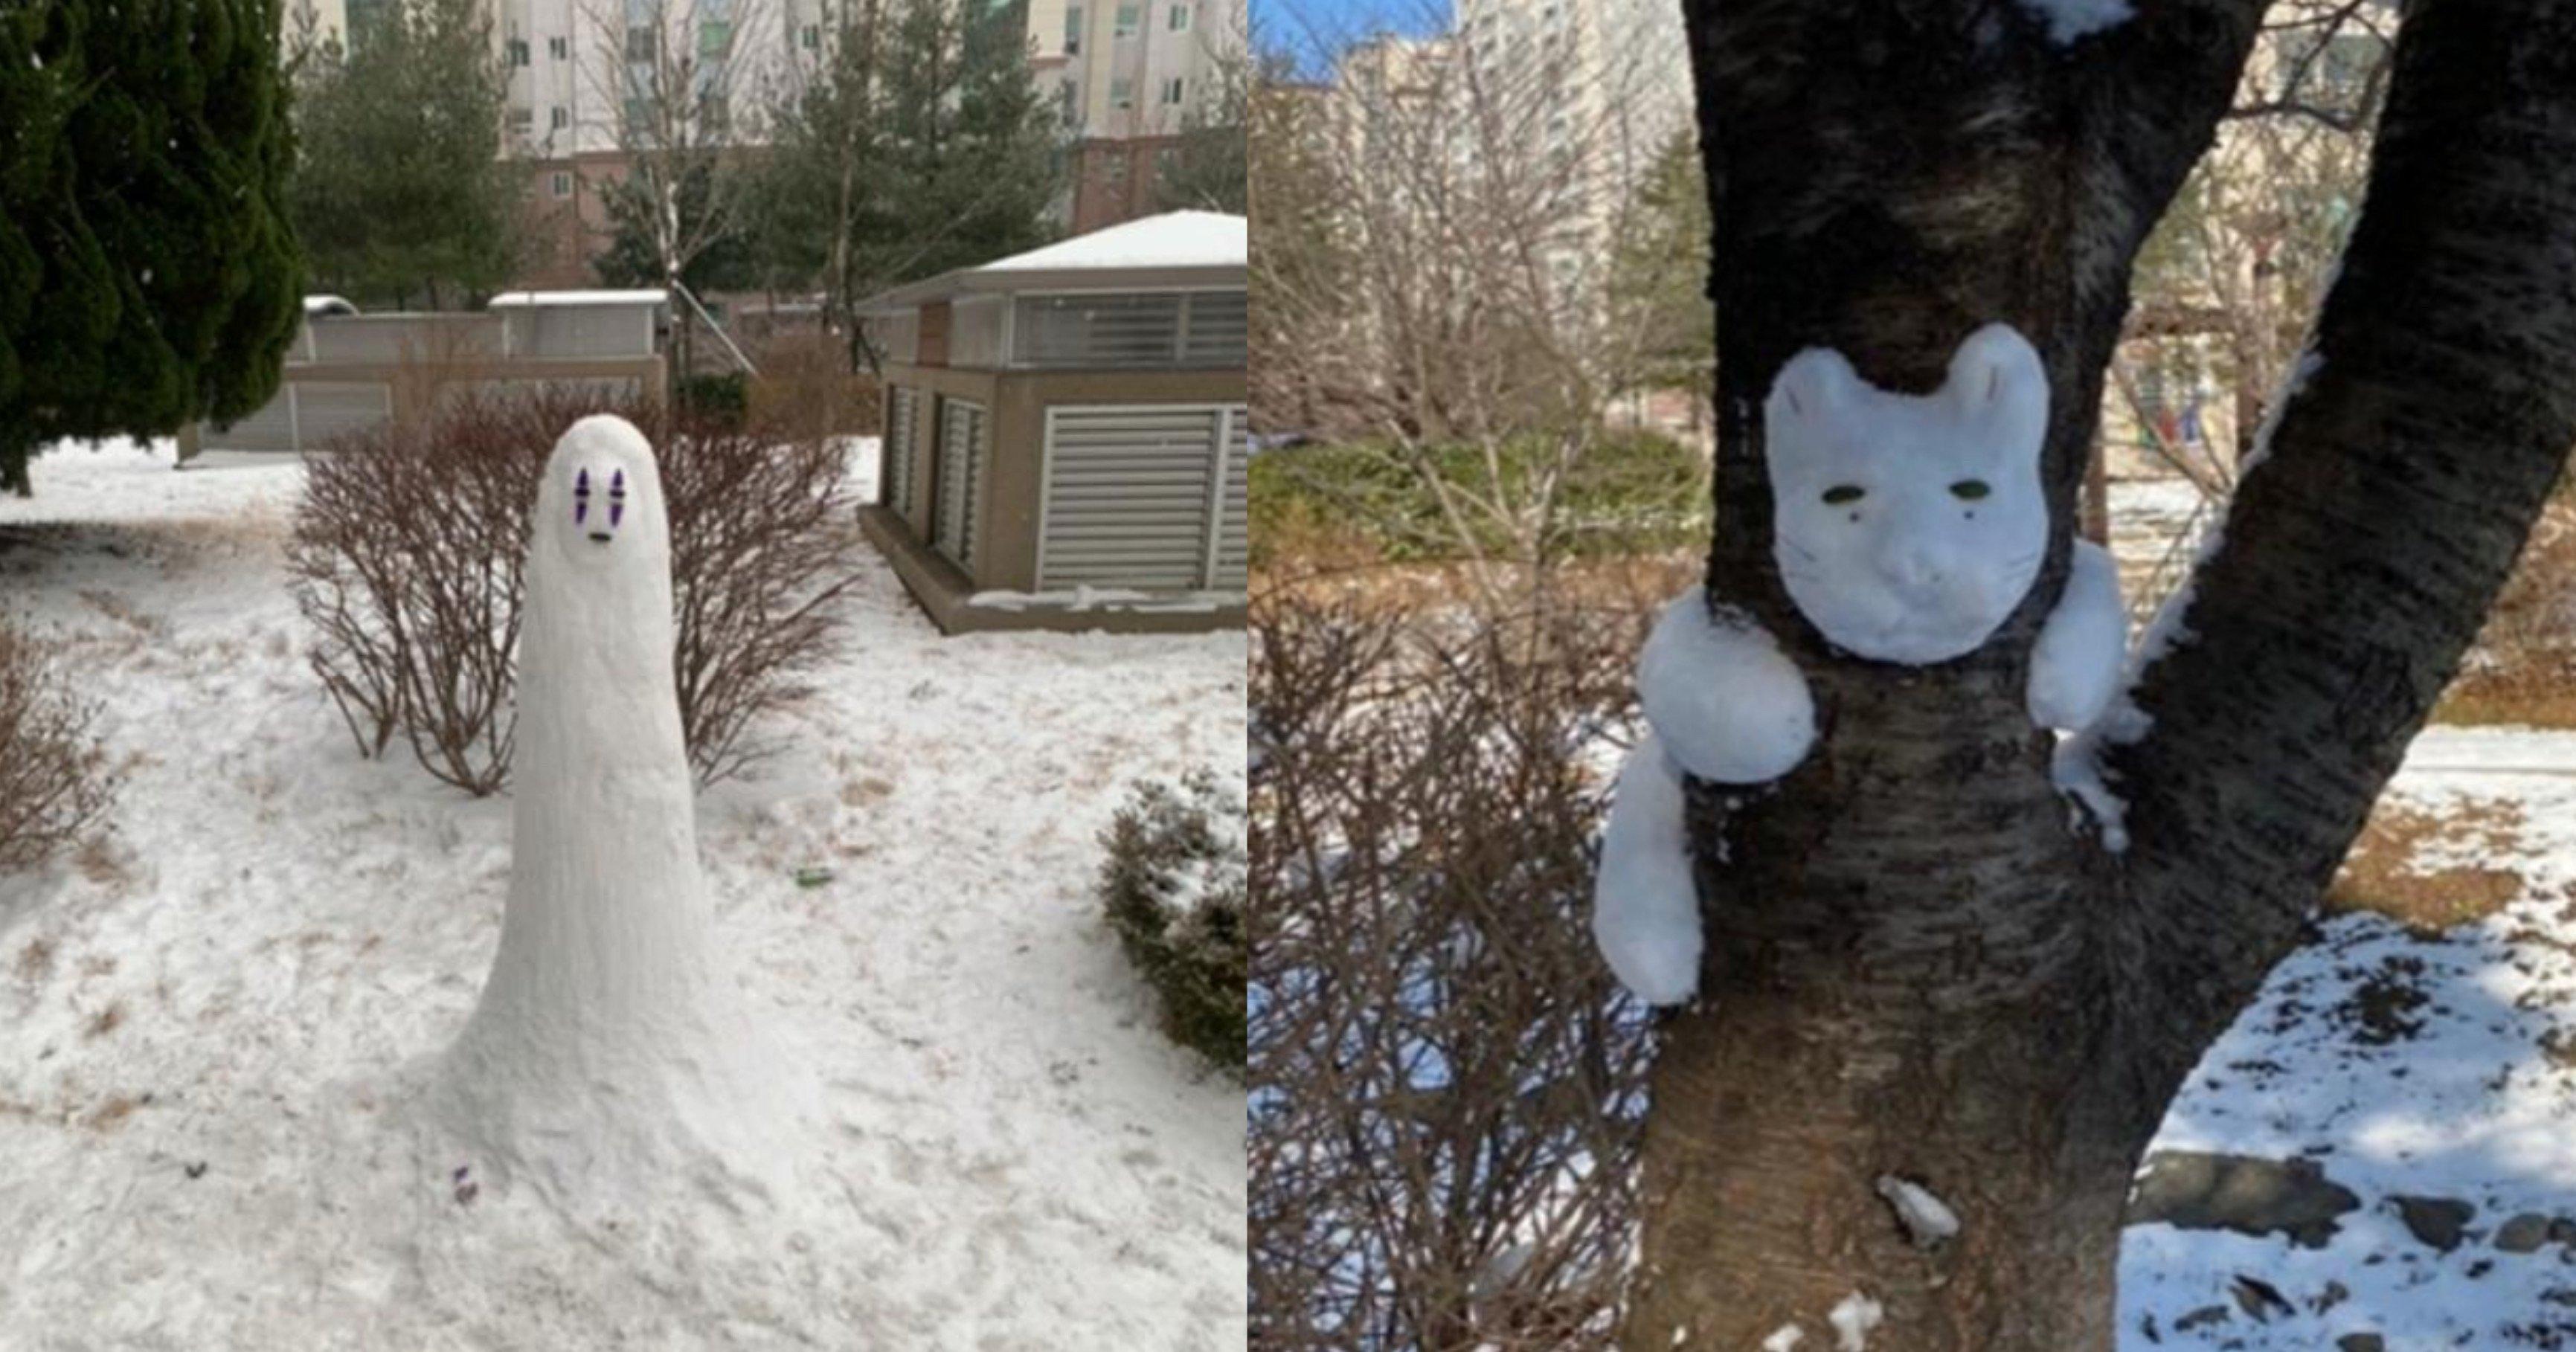 """4fc5bbb6 497b 4fc4 a817 590215fc65a5.jpeg?resize=1200,630 - """"눈사람 장인이 나타났다""""… 네티즌들 사이에서에서 난리 난 어느 아파트에 있는 눈사람 마을의 정체.jpg"""